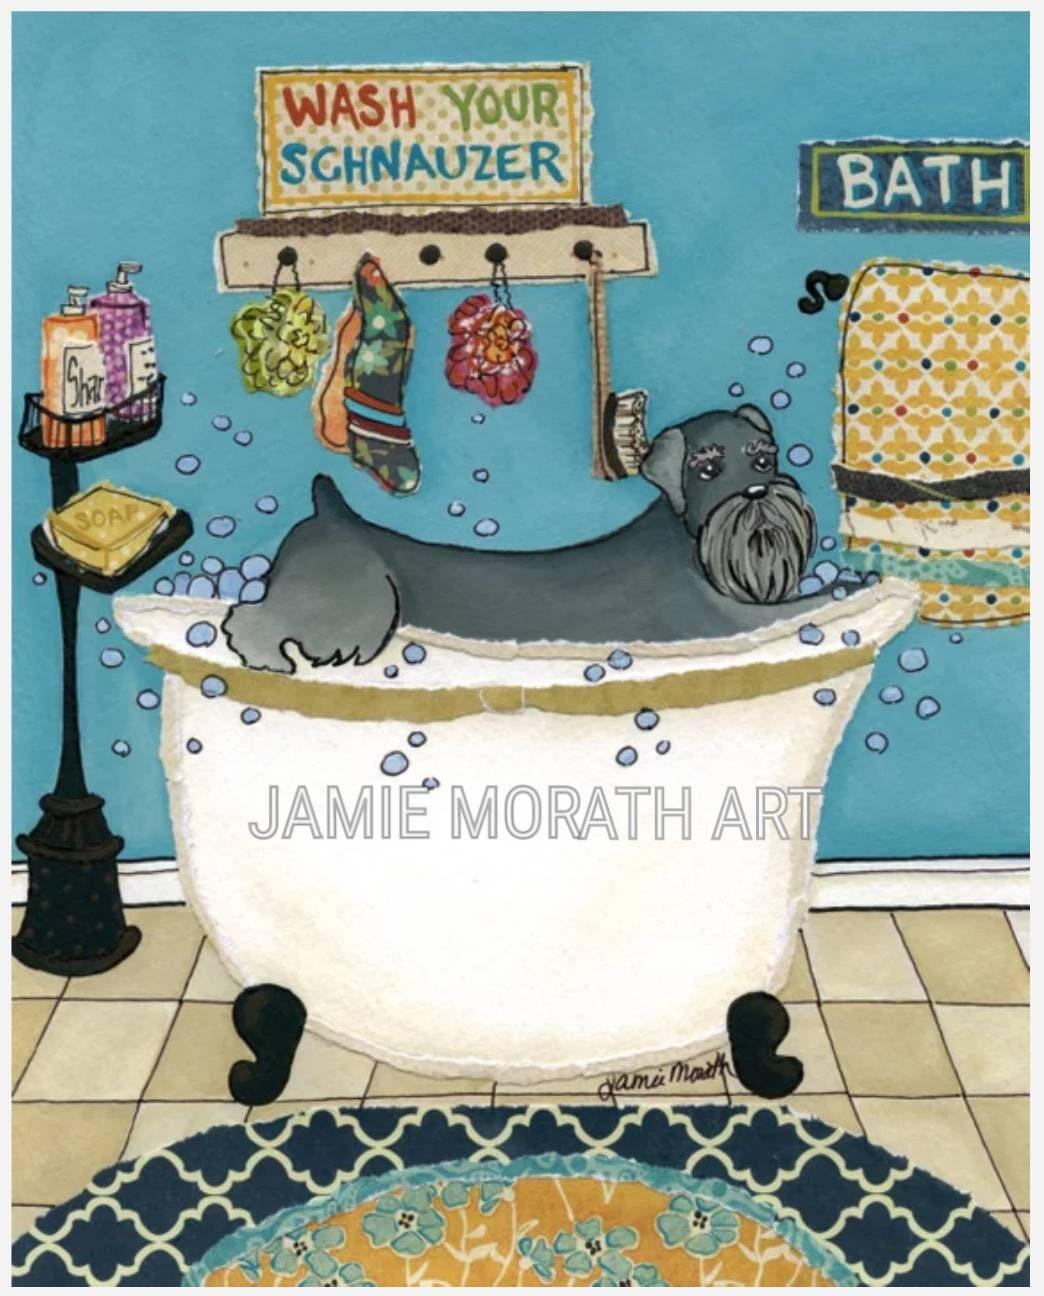 Wash Your Schnauzer, Funny Schnauzer Bathroom Art Print, Dog Bubble Bath, Kids Bathroom Decor